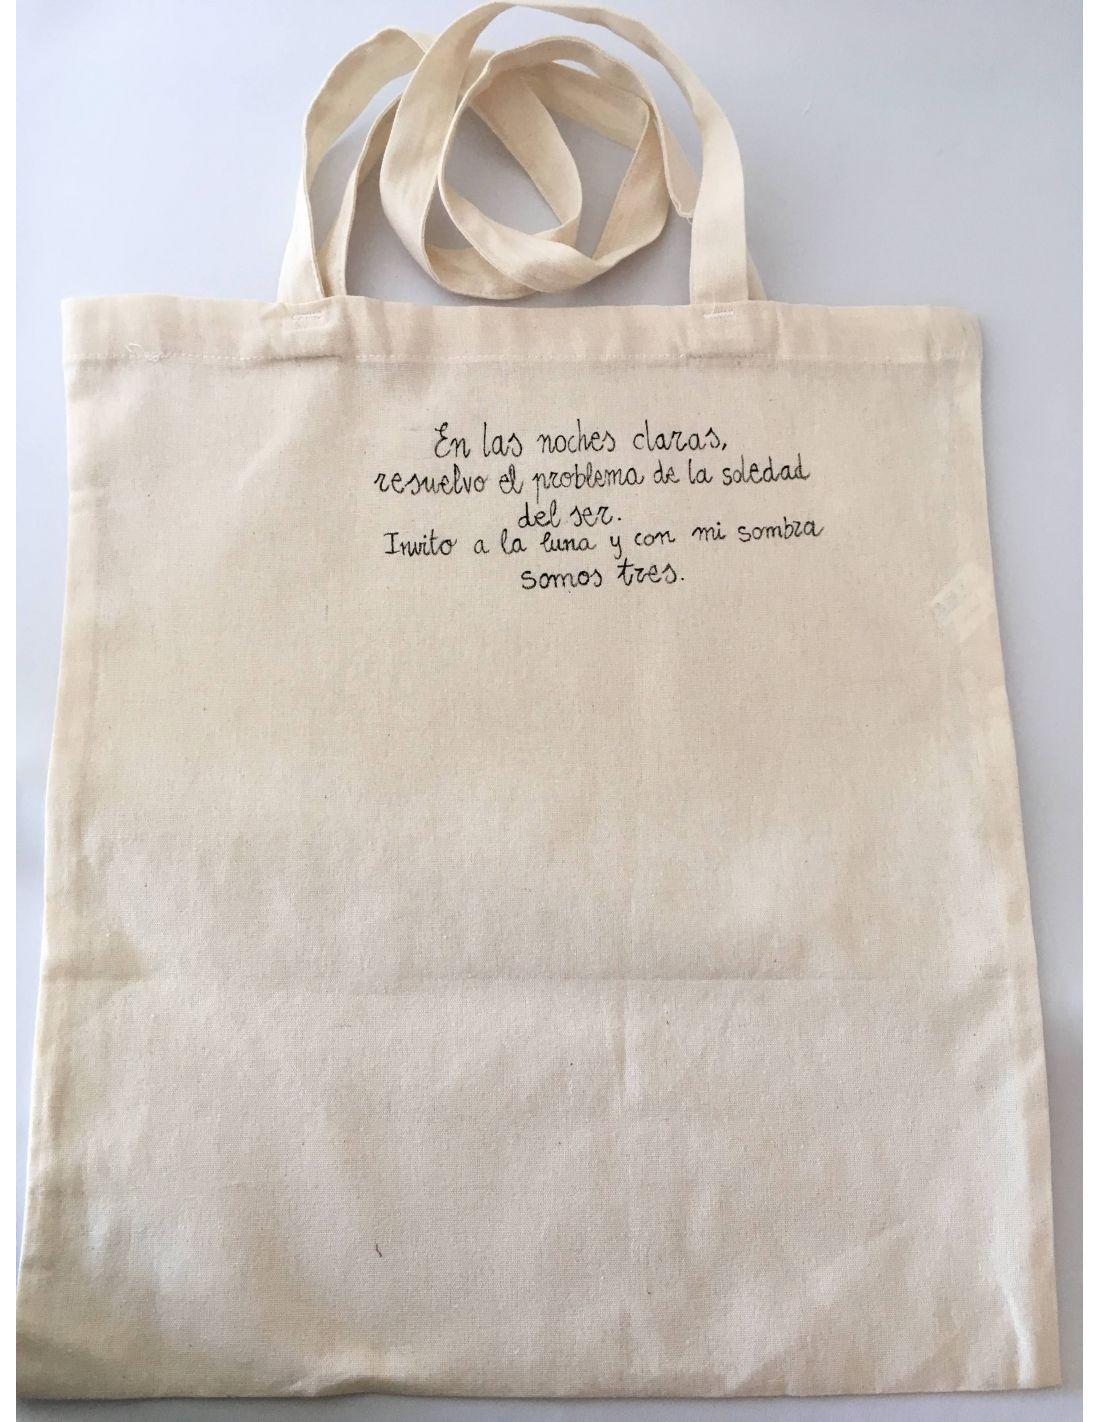 72d6a7f55 Bolsa de tela personalizadas con poesías. Tote bag con versos ...